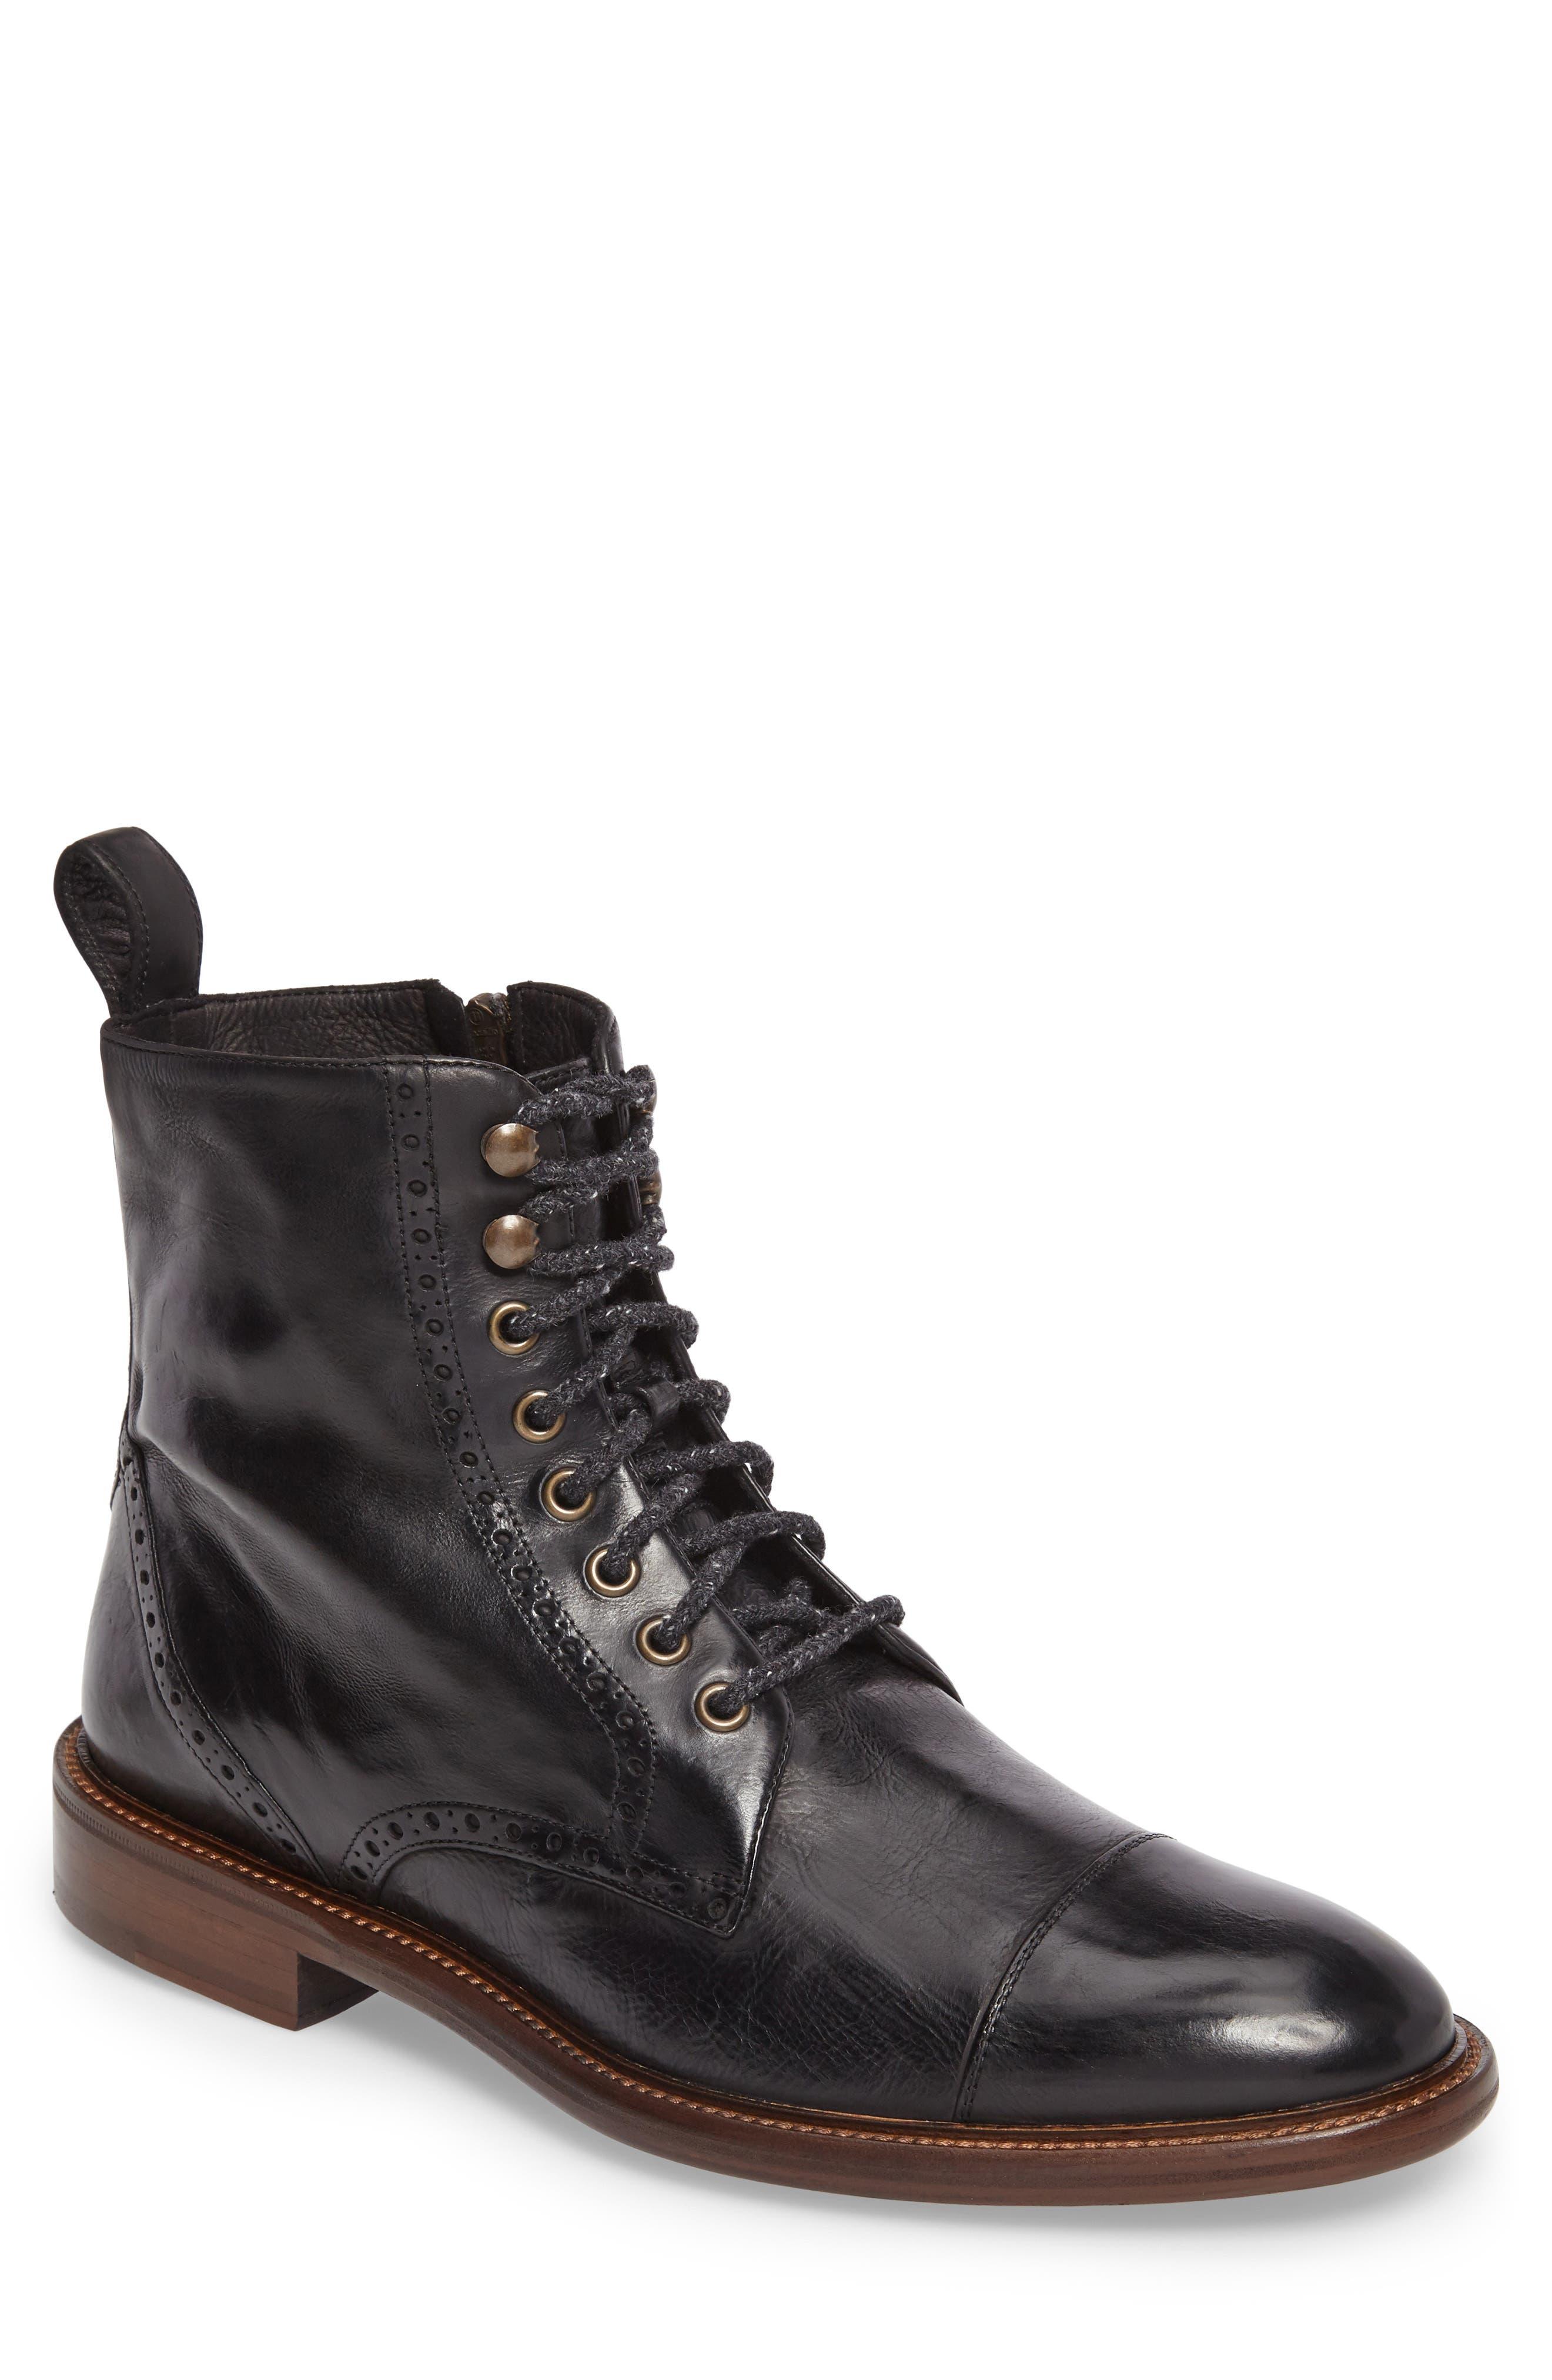 Alternate Image 1 Selected - J&M 1850 Bryson Cap Toe Boot (Men)